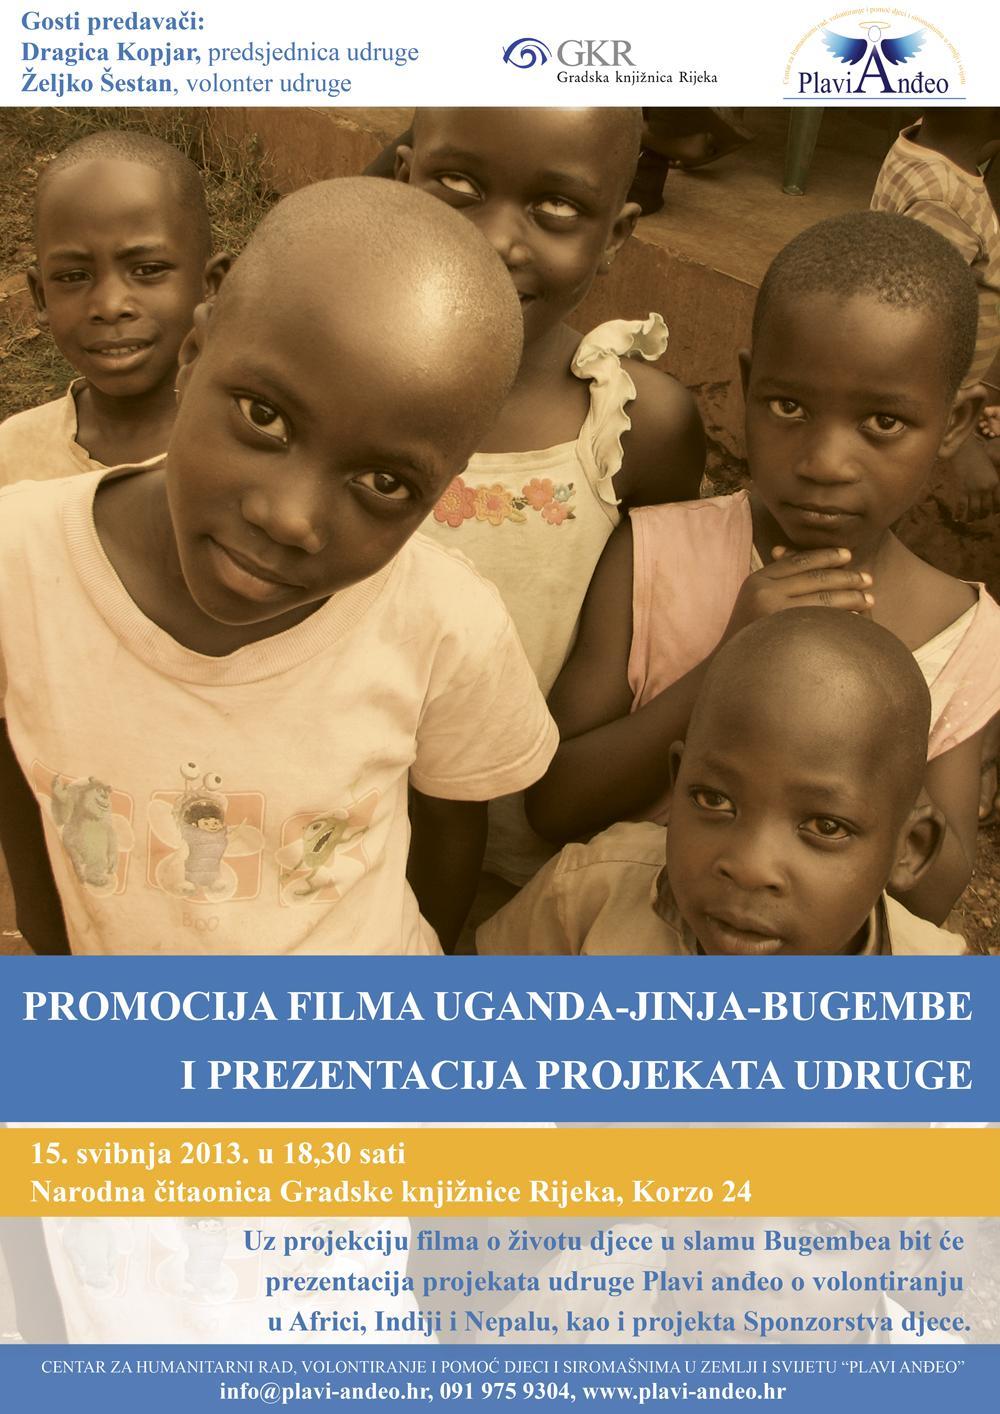 Plakat za prezentaciju udruge u Rijeci